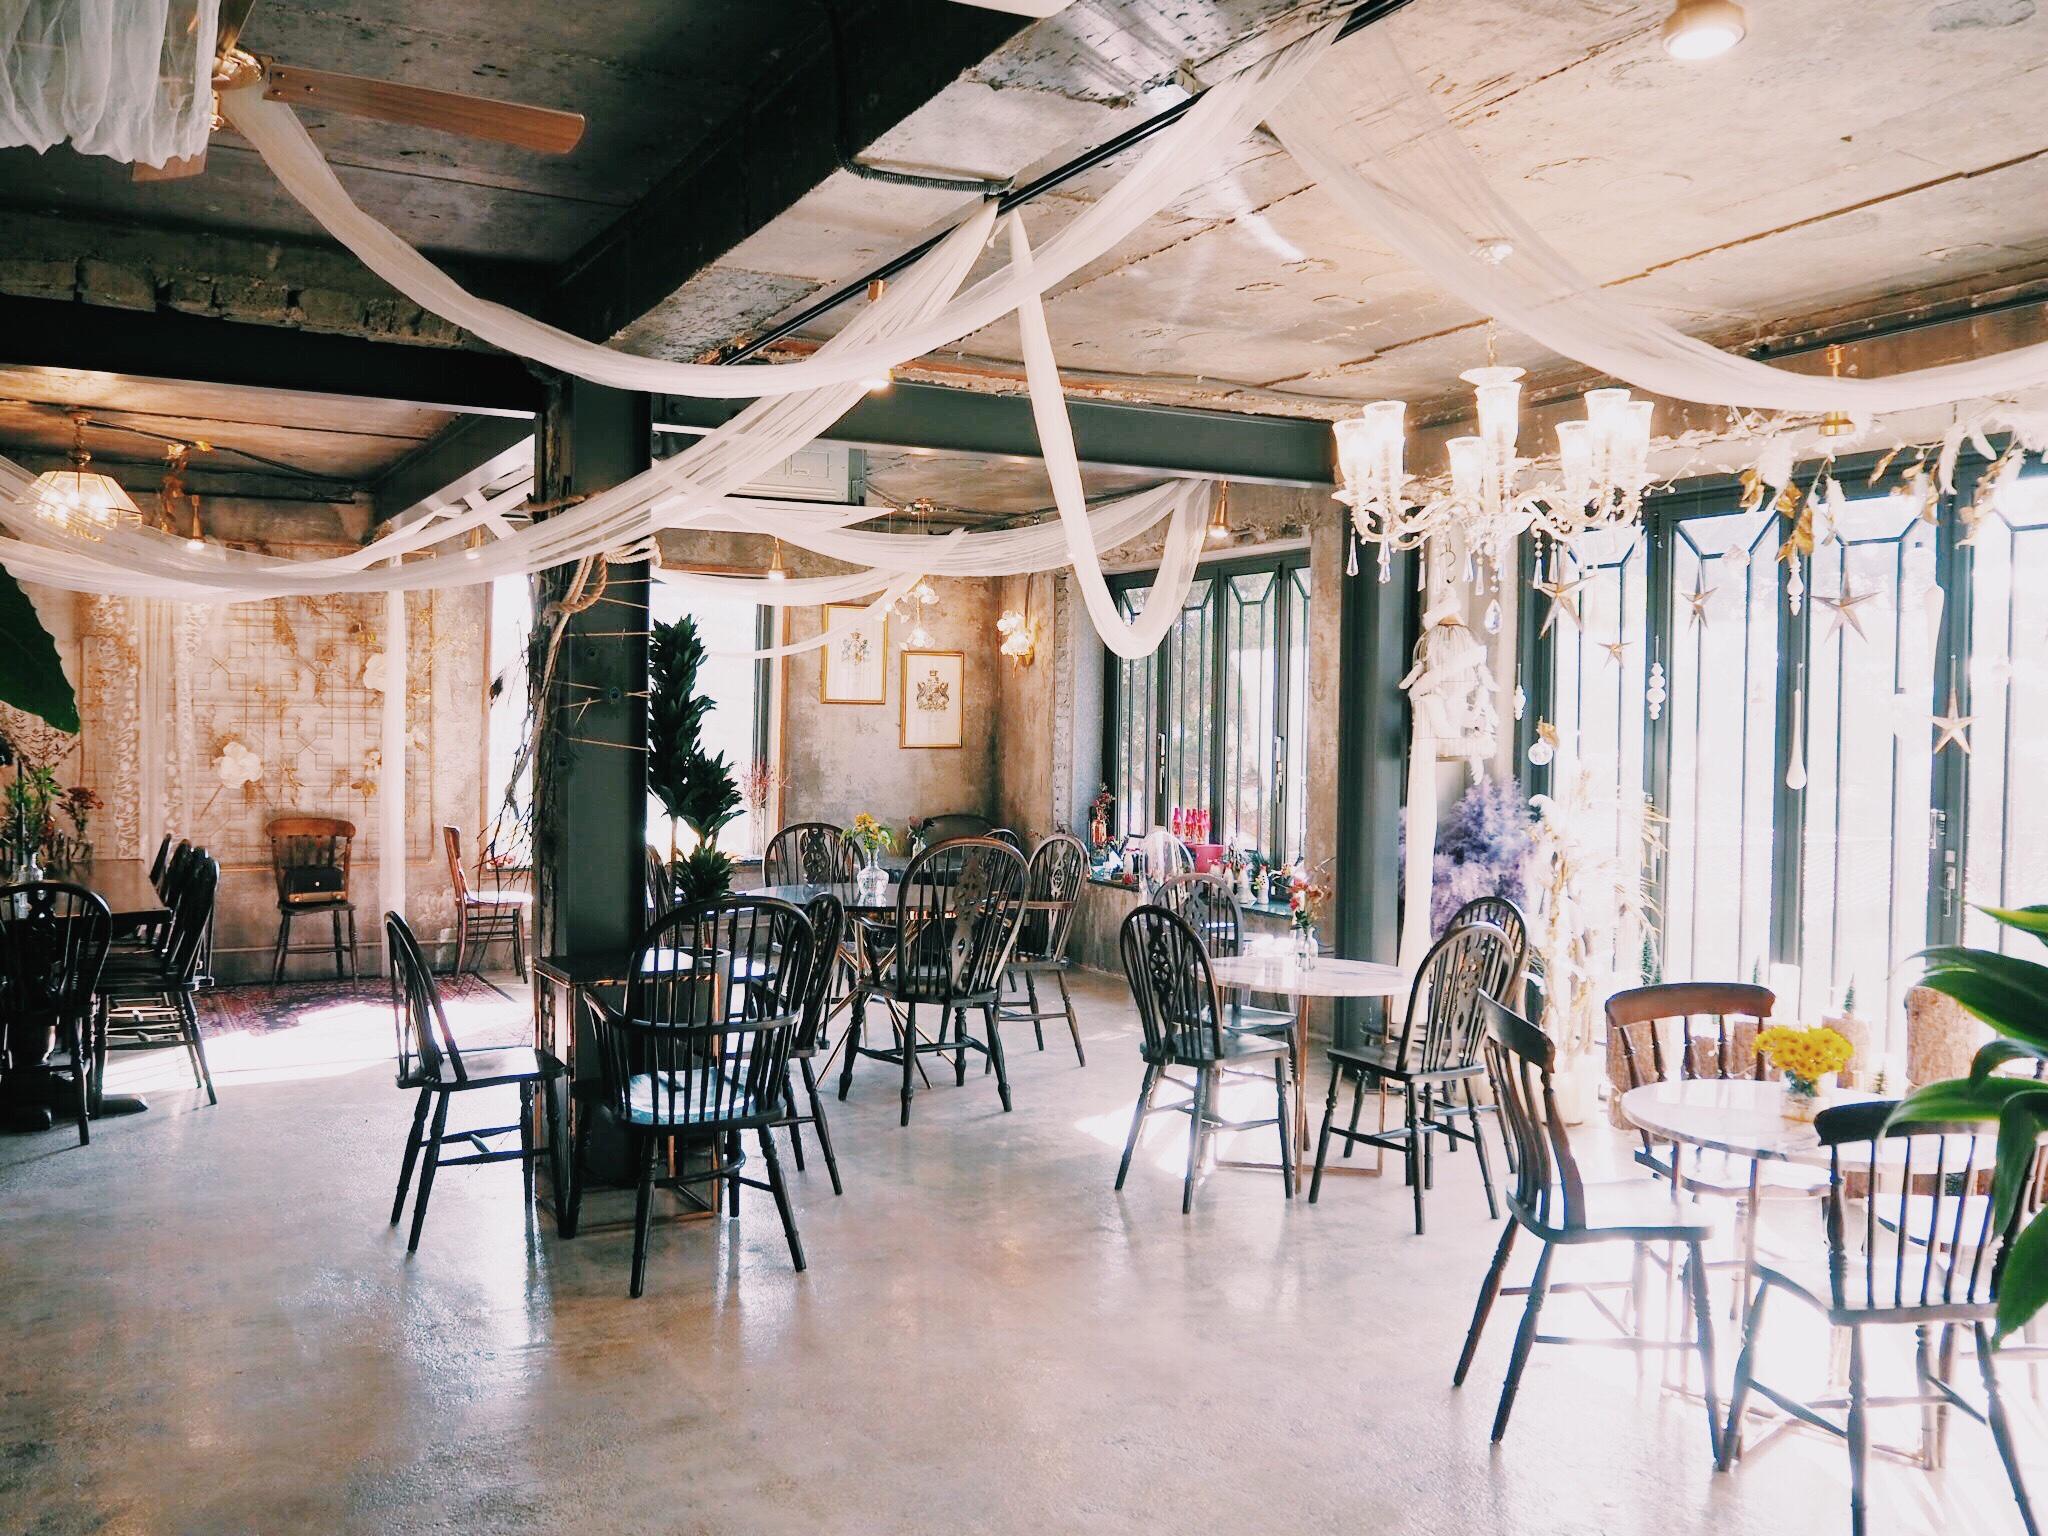 536fabe4 df6a 4f10 8f57 4a0073ffa04a - GRAND MUSE - まるで隠れ家一軒家。韓国ソウルにオープンしたケーキプレートがおしゃれなカフェ